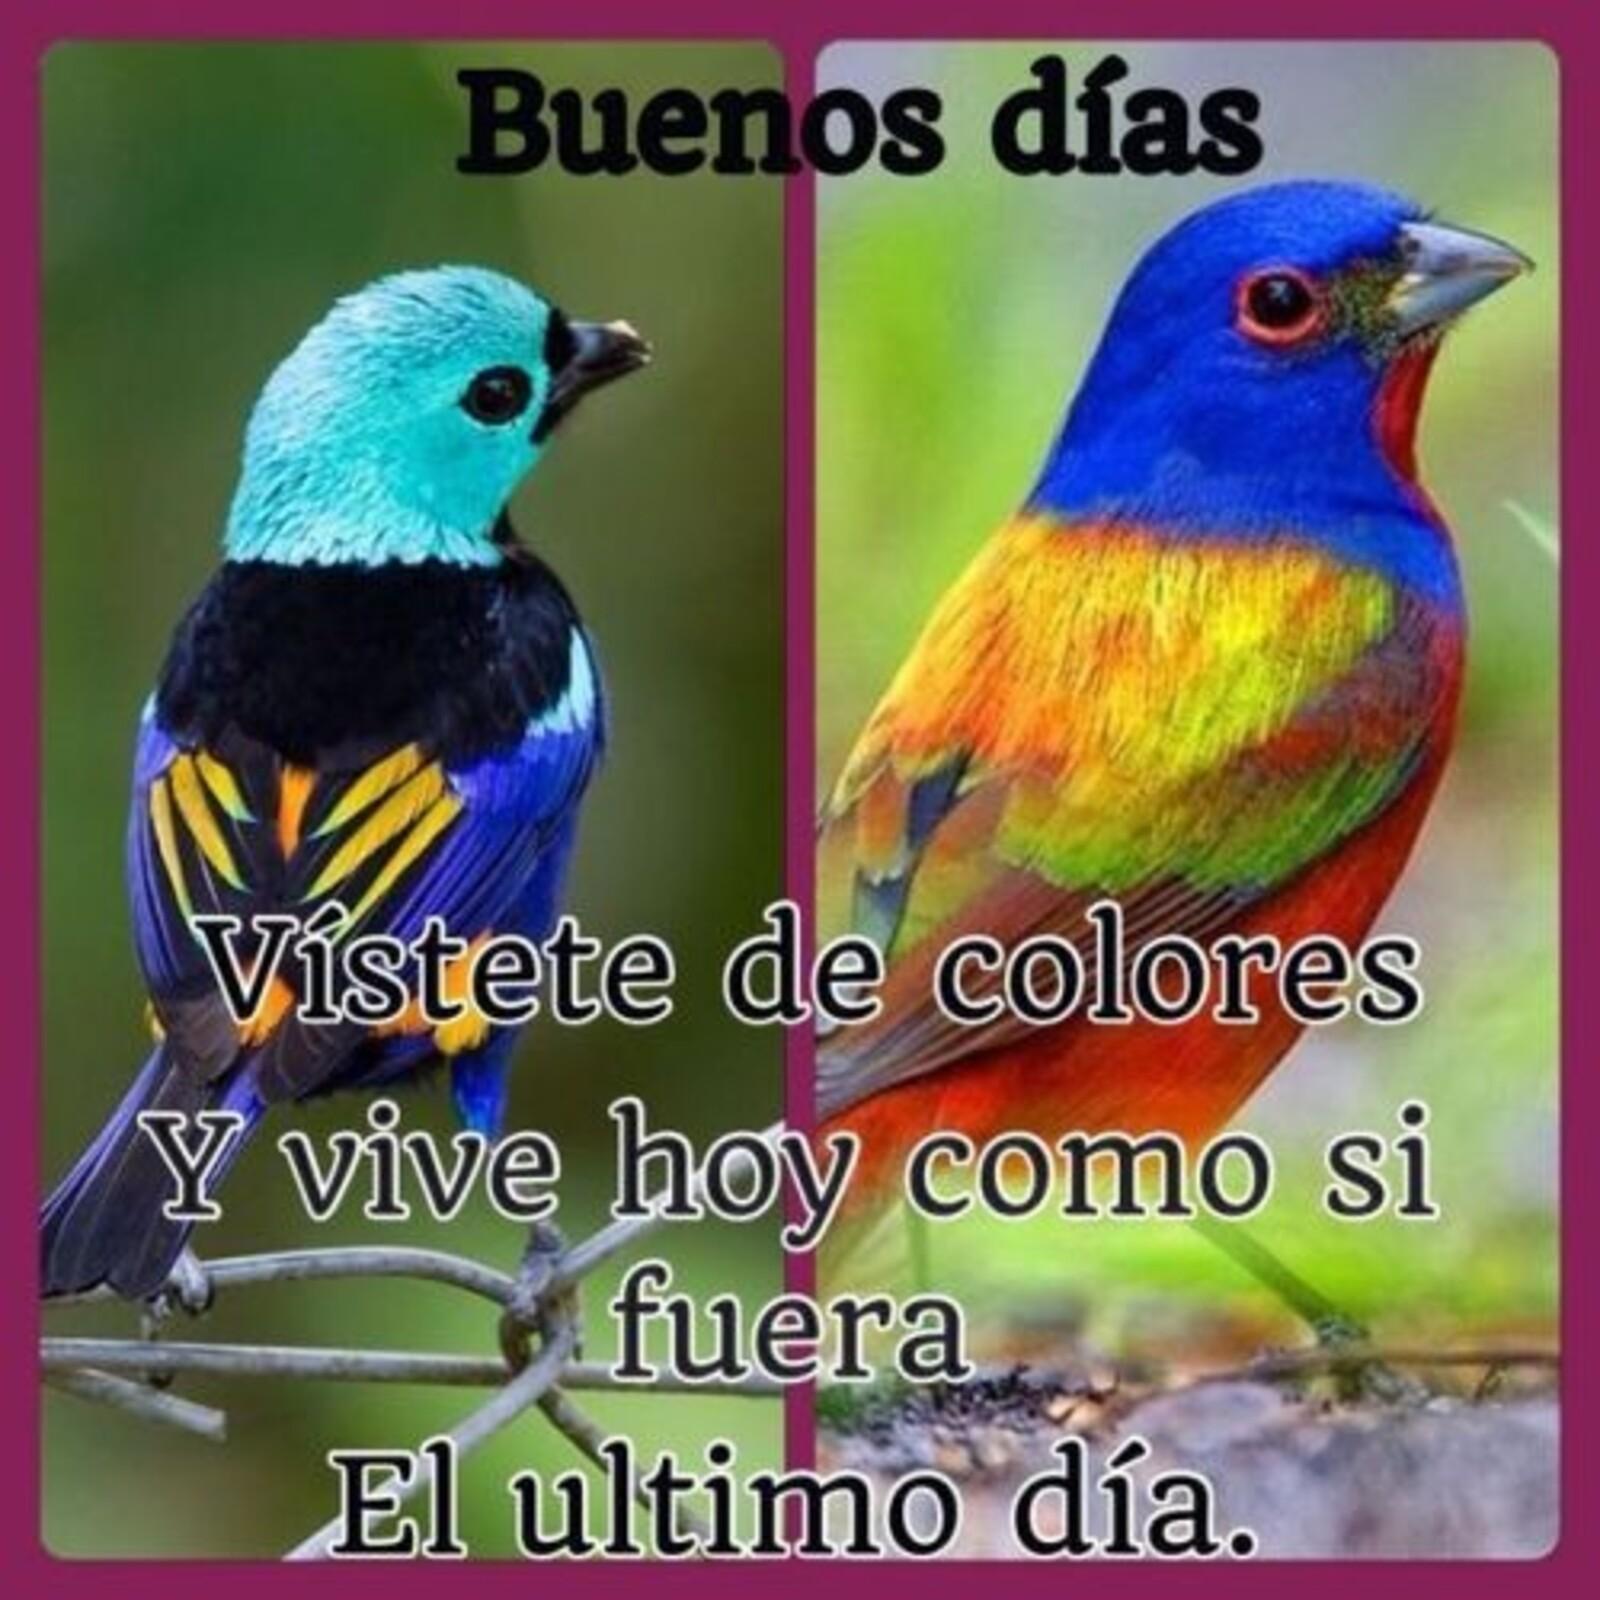 Buenos días. Vistete de colores y vive hoy como si fuera el ultimo día.